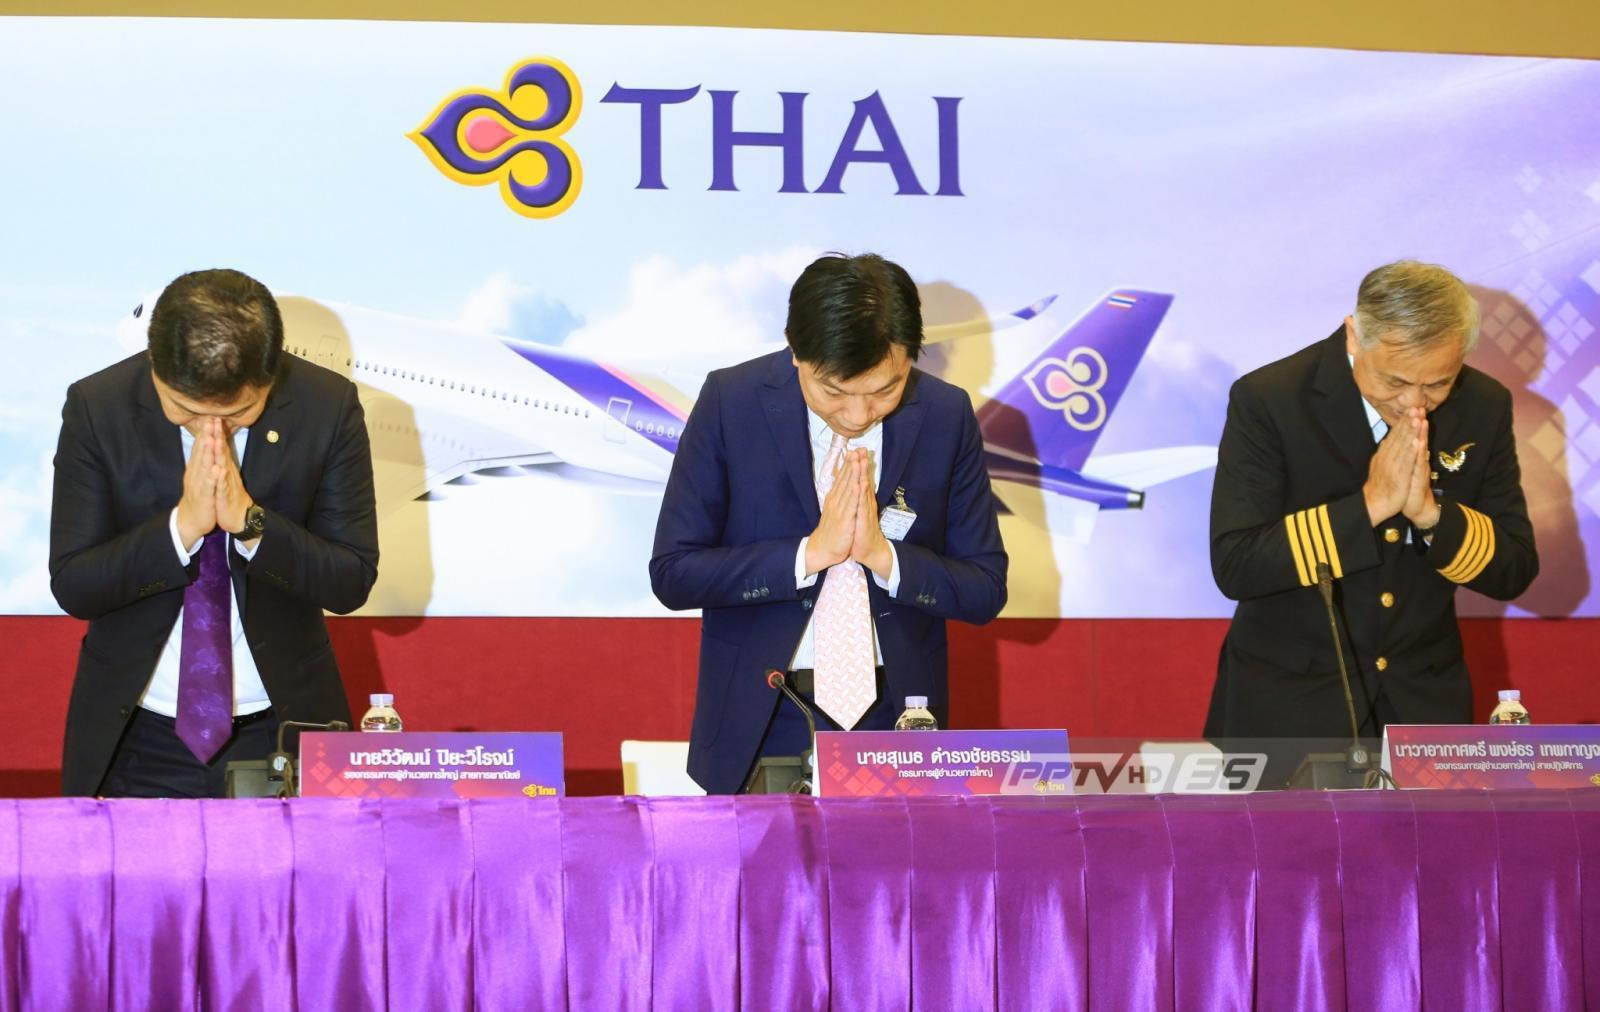 การบินไทย มีมติลงโทษนักบิน-นายสถานีซูริก ชี้ ไม่สละที่นั่งเฟิร์สคลาสให้ลูกค้าผิดวินัยองค์กร